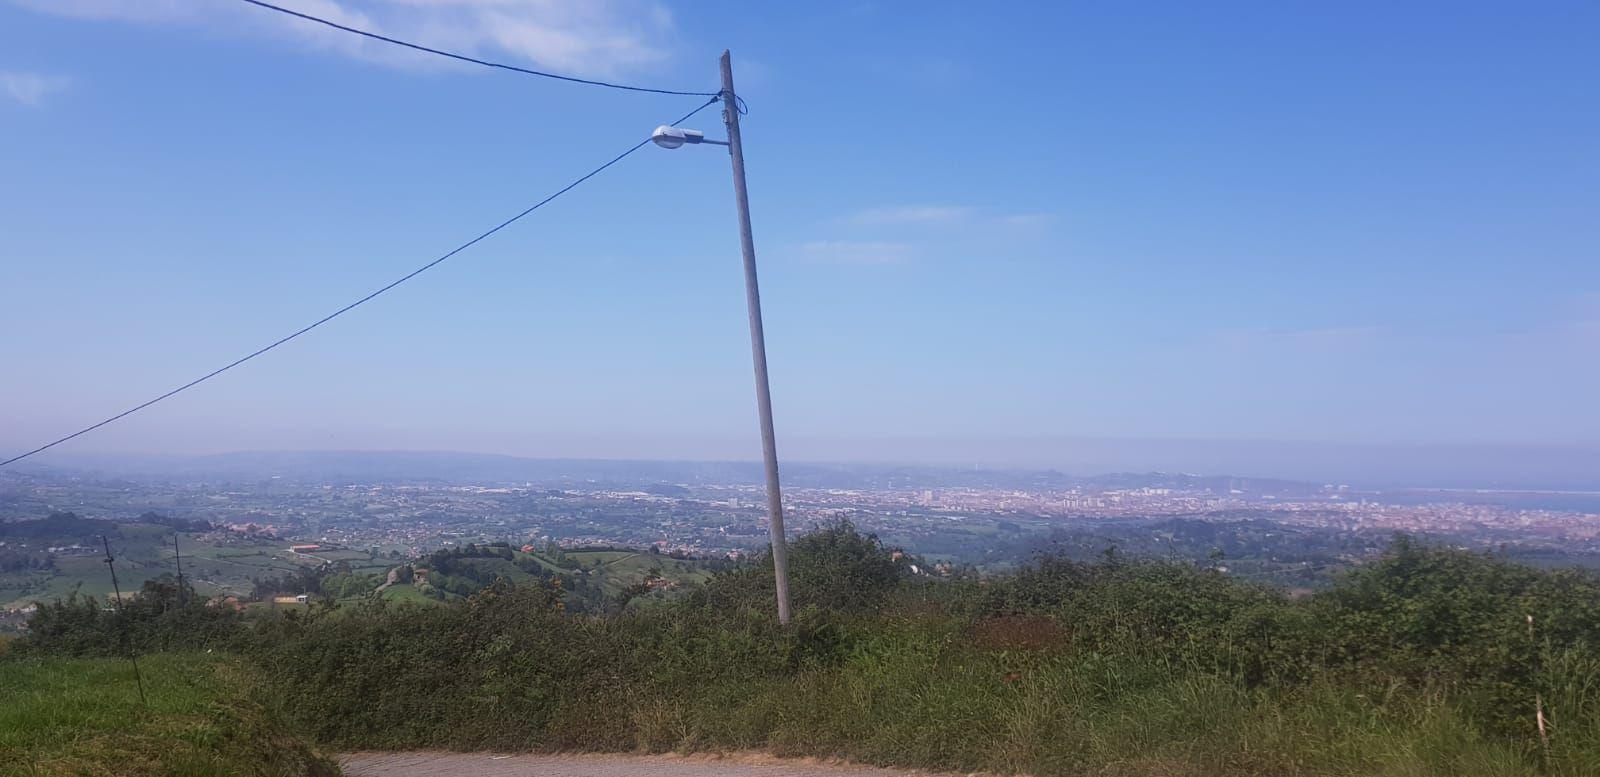 Rutas por Asturias: un balcón a las parroquias rurales desde el Monte Deva (Gijón)